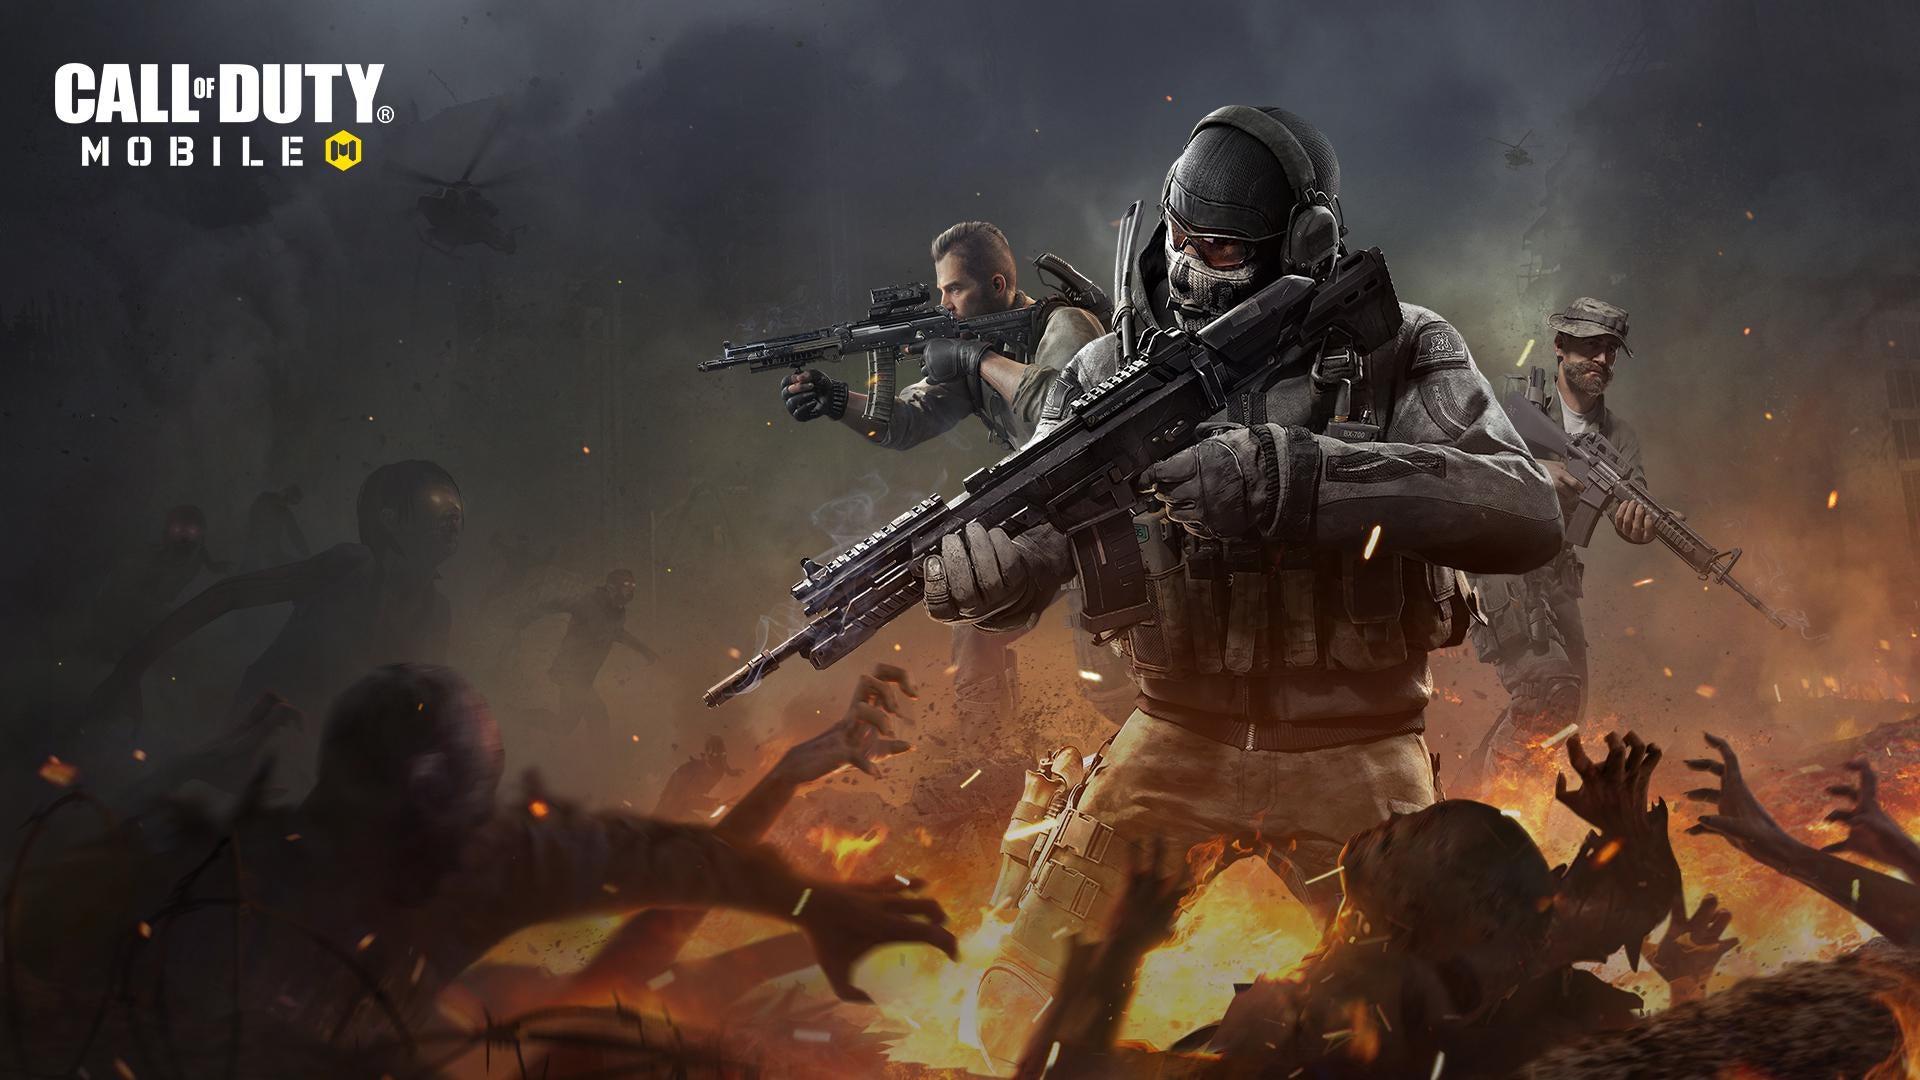 Las hordas de zombis llegarán pronto a Call of Duty: Mobile